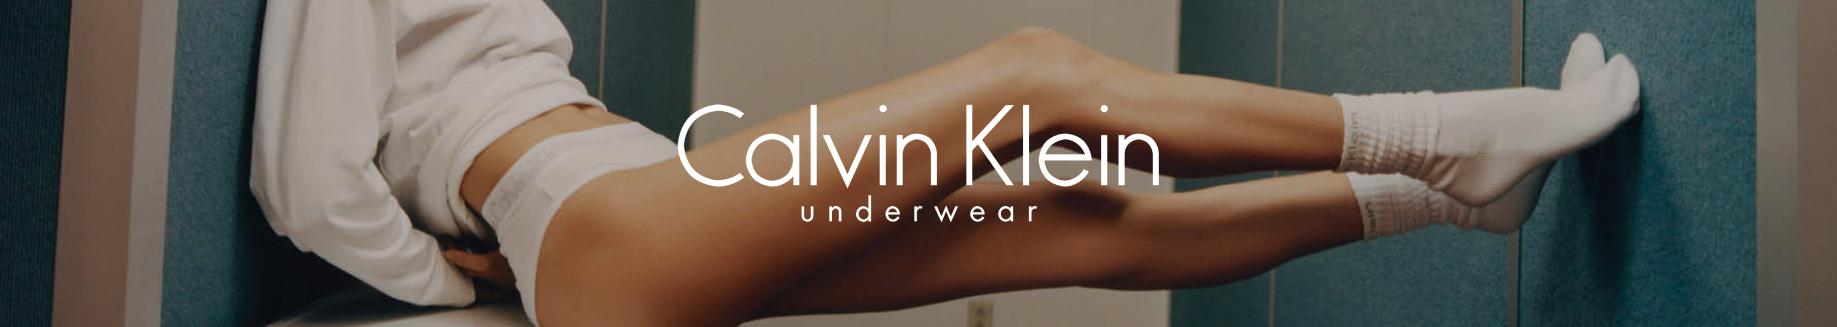 Білизна Calvin Klein Underwear